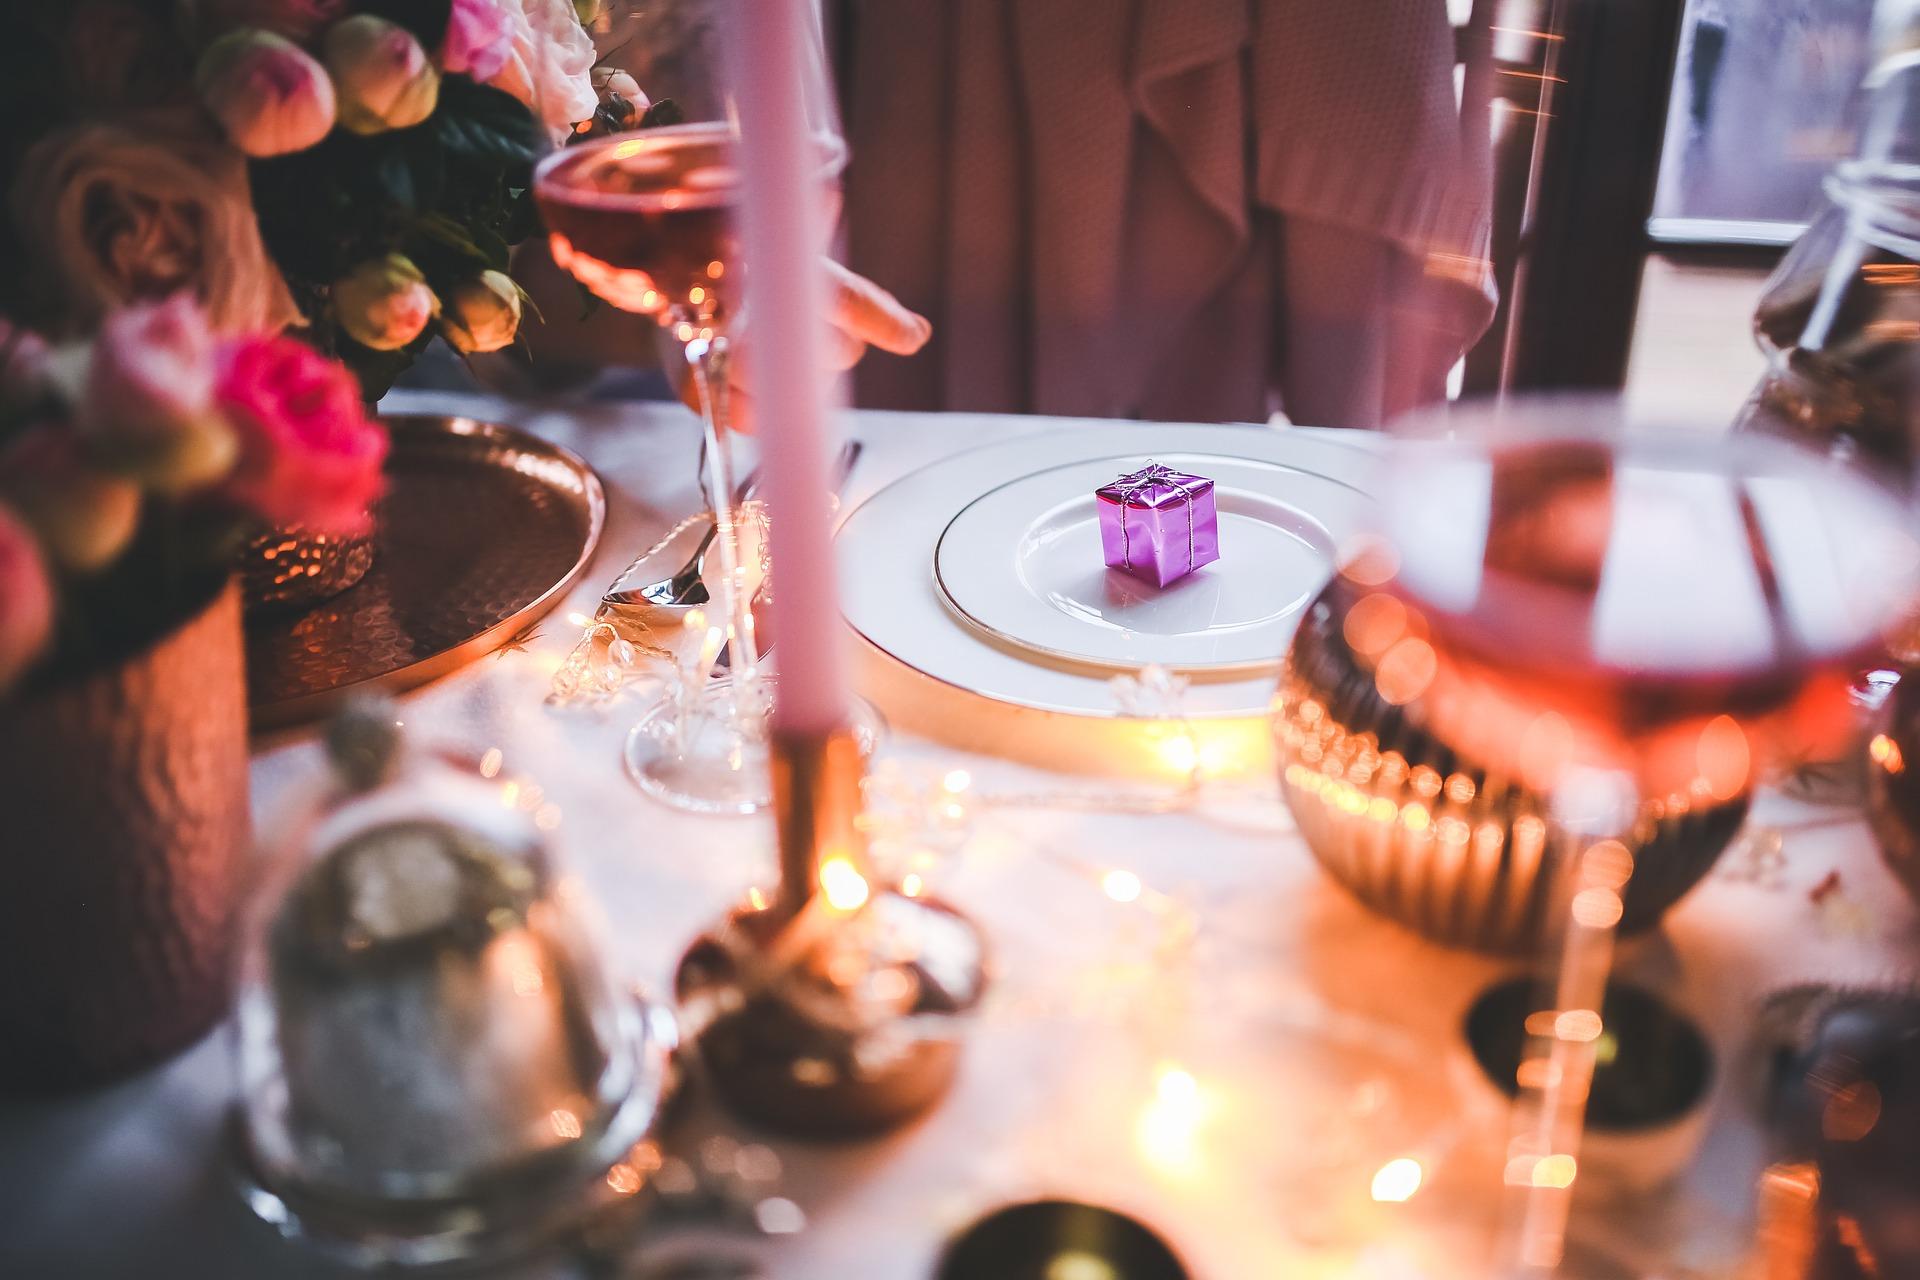 """Si les fêtes de fin d'année sont souvent synonymes d'excès, n'oubliez pas d'adapter vos repas si vous souffrez d'hypertension artérielle. Bien entendu, faire attention n'est pas synonyme de privation ! Dans cet article, nous vous aidons à y voir plus clair. Qu'est-ce que l'hypertension artérielle ? Maladie chronique la plus fréquente en France selon l'Inserm, elle se caractérise par une pression anormalement élevée du sang dans les vaisseaux sanguins. Si cette maladie est généralement dite """"silencieuse"""", elle est pourtant loin d'être anodine. En effet, elle est l'une des principales causes de complications cardiovasculaires, cérébrovasculaires ou neurodégénératives. L'hypertension artérielle se mesure en millimètres de mercure (mmHg) et est caractérisée par deux types de valeurs : La valeur haute, qui correspond à la pression au moment où le cœur se contracte (pression systolique) La valeur basse, qui correspond à la pression dans les vaisseaux entre deux contractions cardiaques (pression diastolique) Une alimentation déséquilibrée (notamment trop chargée en sel et en matières grasses), le surpoids, la consommation de tabac, d'alcool, la sédentarité,... constituent les principaux facteurs de risque de l'hypertension. Les aliments (trop) salés à éviter si vous souffrez d'hypertension Le sel est l'un des principaux ennemis de la pression artérielle, car il favorise la rétention d'eau, qui s'accumule alors dans votre organisme et participe à une élévation de la pression artérielle. Voici une liste d'aliments contenant trop de sel (parfois caché) à consommer avec modération si vous souffrez d'hypertension : Le pain et les céréales Selon Ameli, """"environ 80 % du sel est incorporé dans le pain, les céréales que l'on prend au petit déjeuner"""". Faites donc attention à ces aliments parfois trompeurs ! Privilégiez le pain de seigle ou le pain complet (mais pas à tous les repas). Les plats préparés Bien que pratiques, les plats préparés sont une mine de sel ! Avec en moyenne 3 g"""